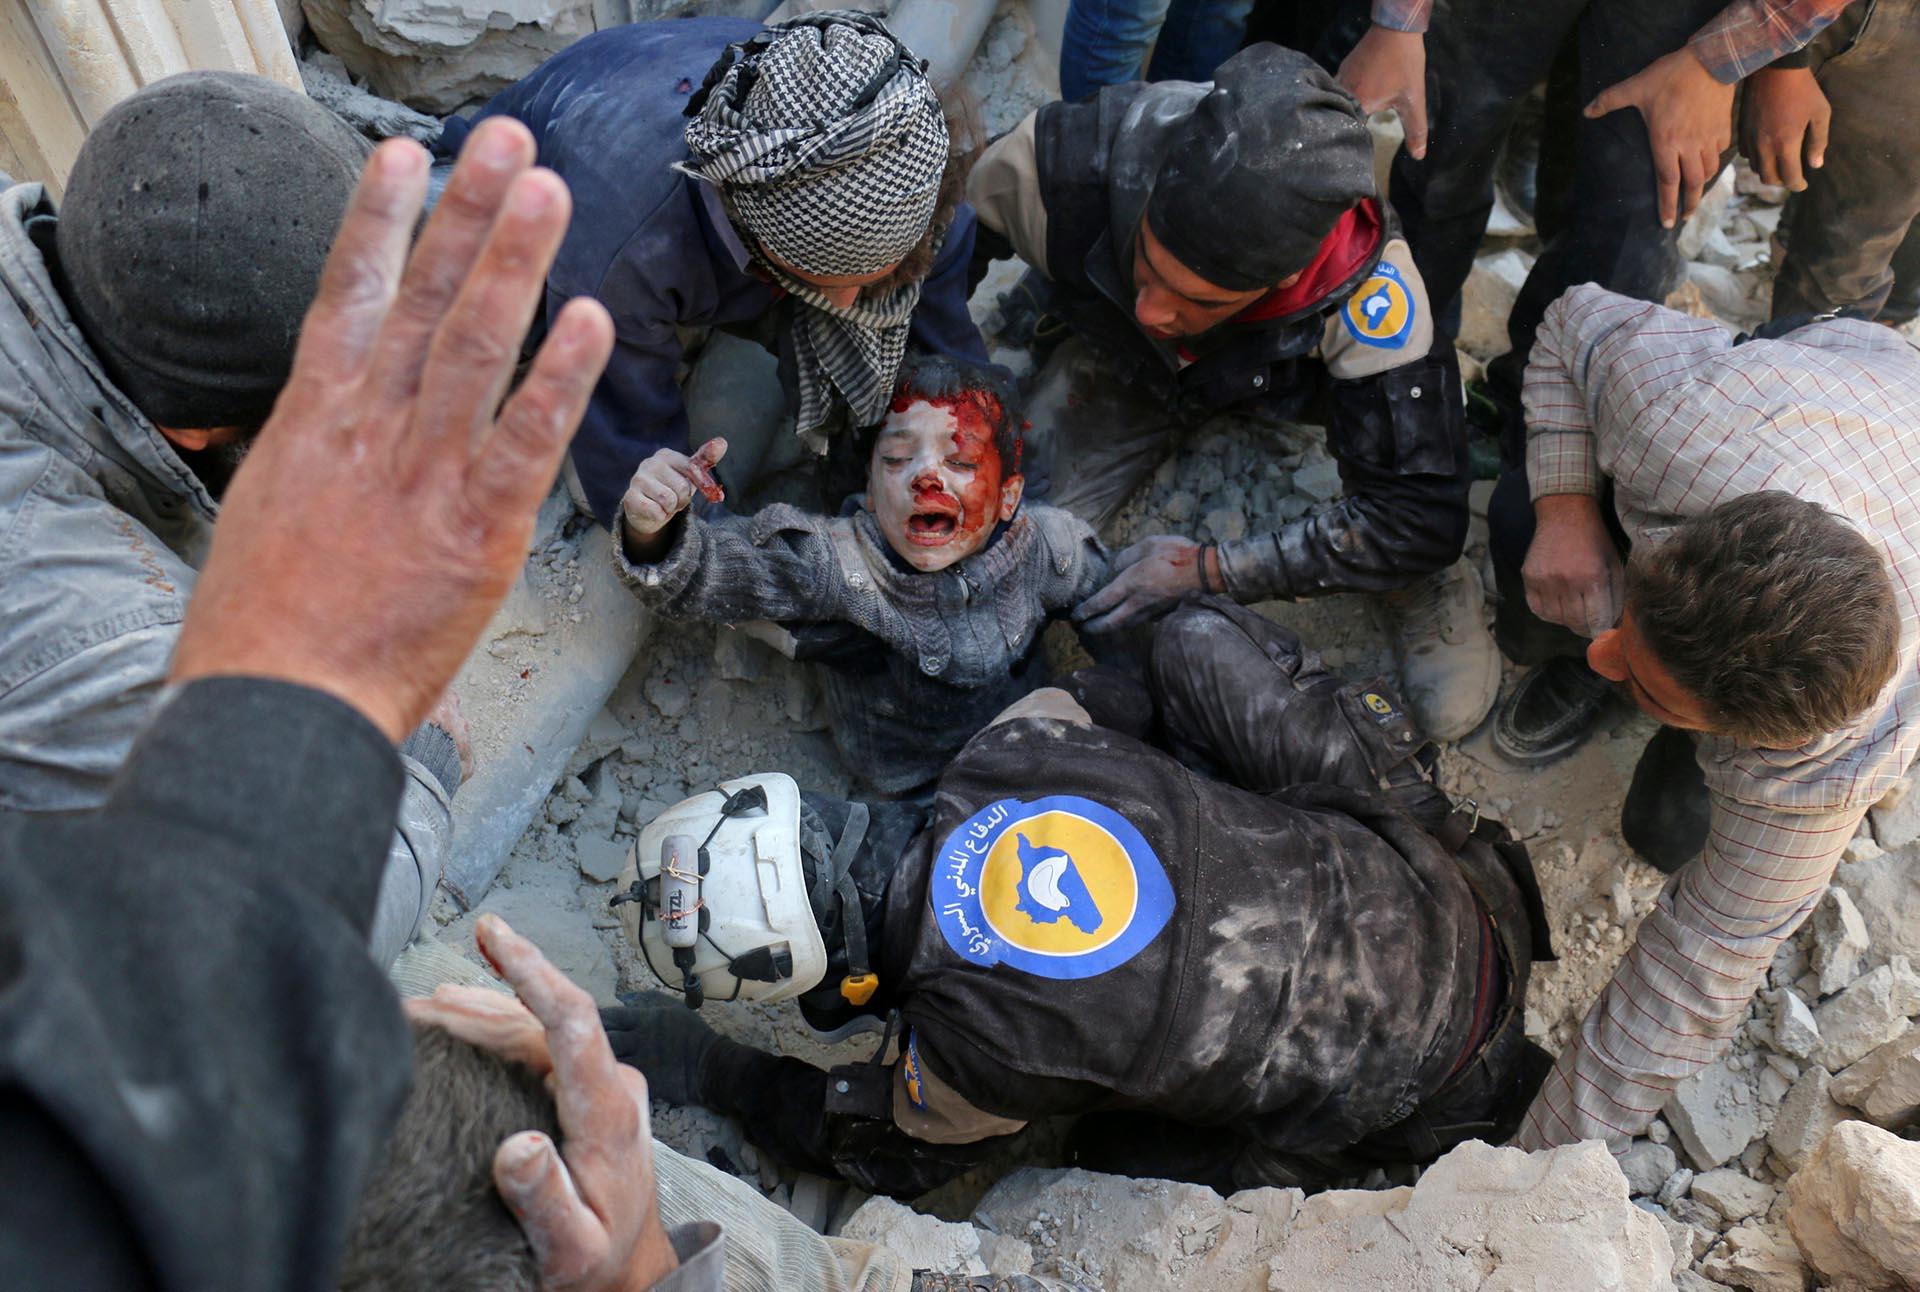 Spot News, segundo premio. Los cascos blancos rescatan a un niño de entre los escombros luego de un ataque con barriles bomba en el barrio de Babal Nairab, enAlepo, el 24 de noviembre de 2016. Ameer Alhalbi, Agence France-Presse